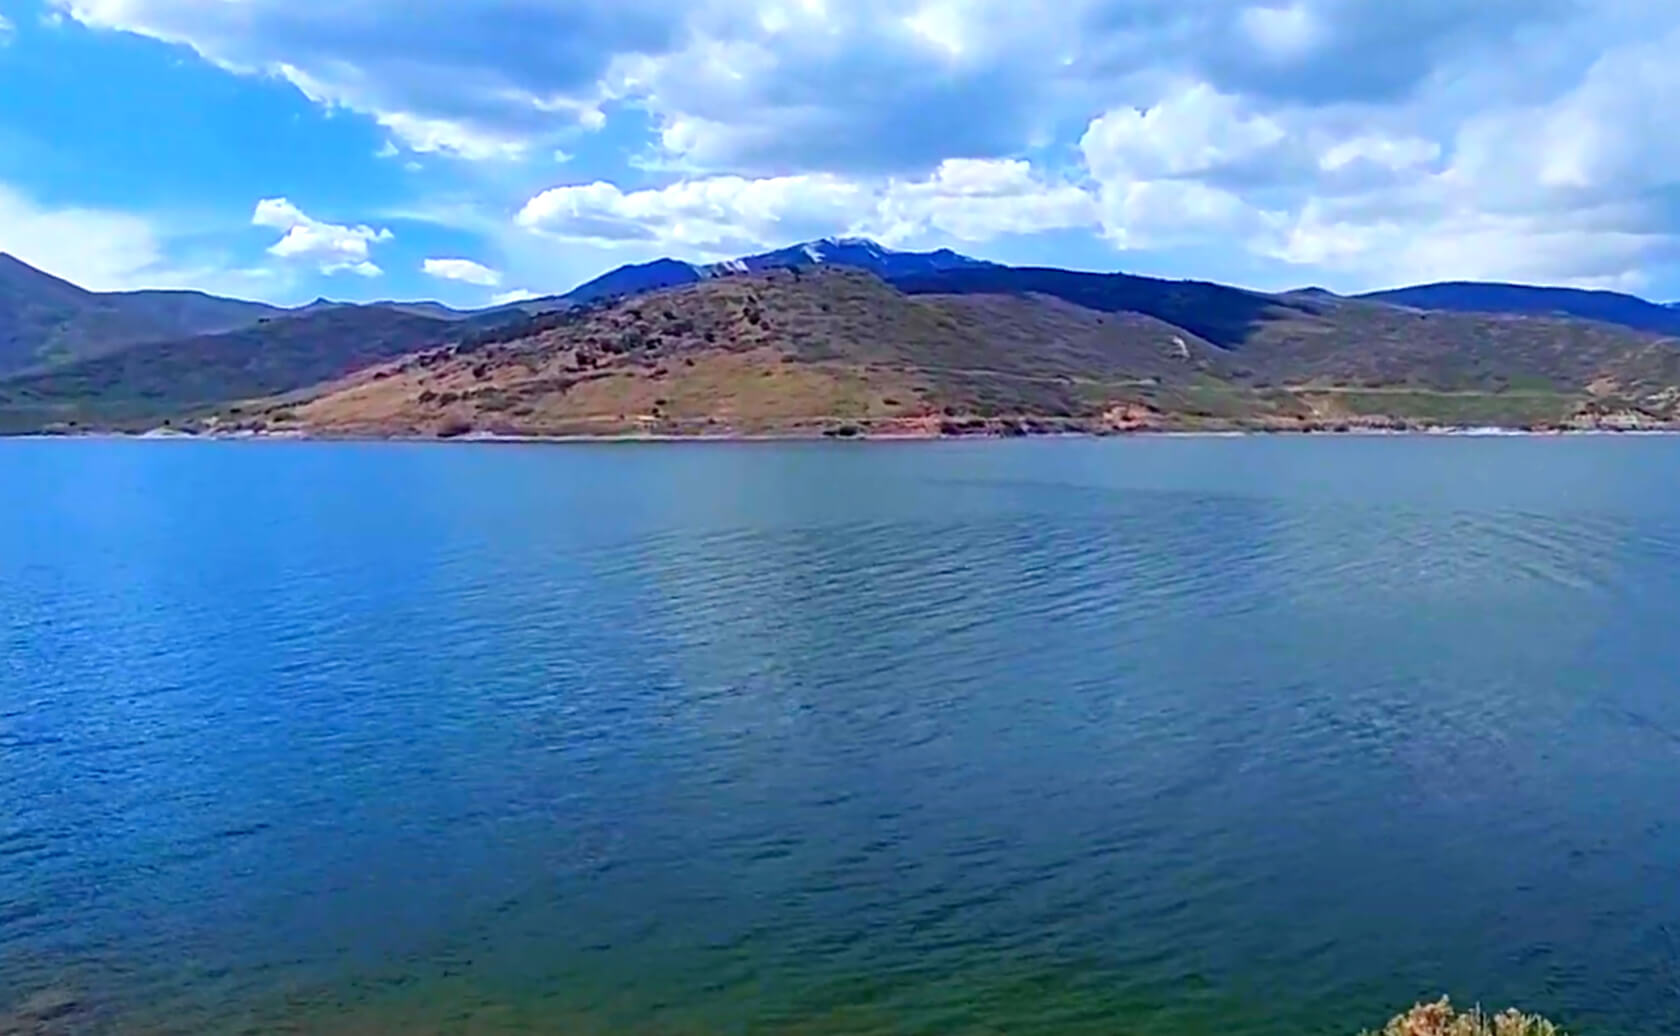 Deer-Creek-Lake-Fishing-Guide-Report-Utah-06